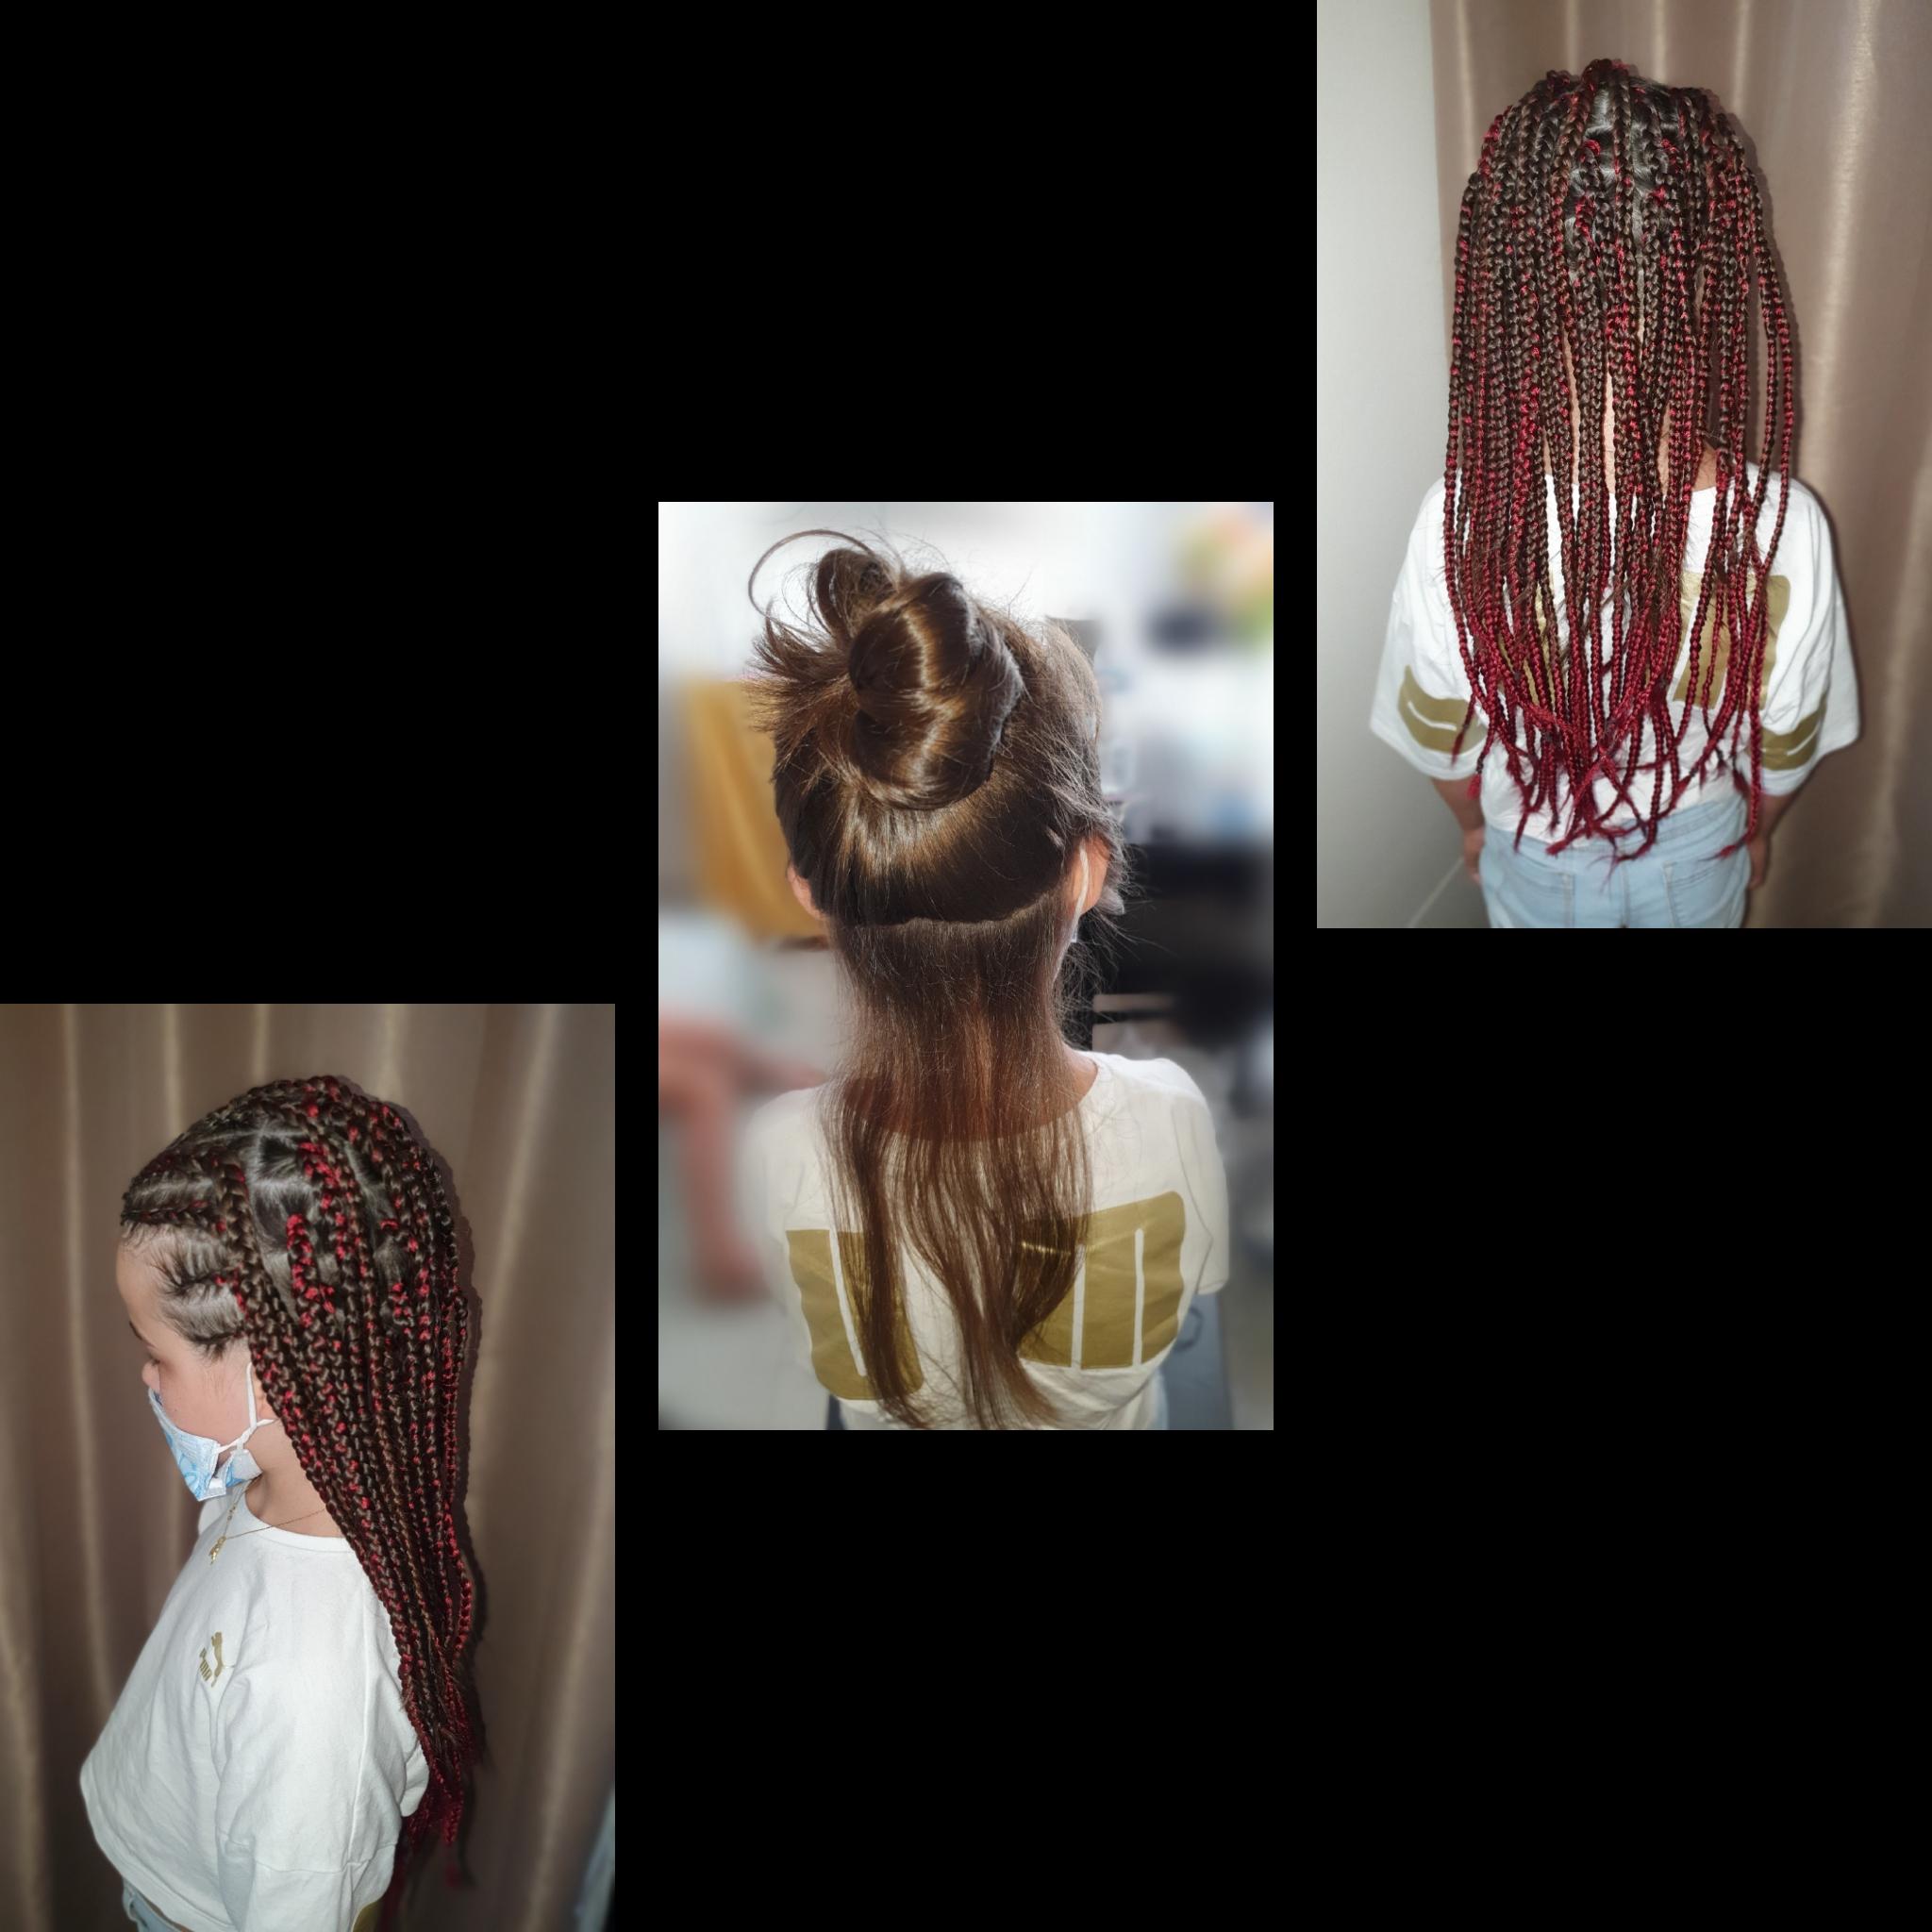 salon de coiffure afro tresse tresses box braids crochet braids vanilles tissages paris 75 77 78 91 92 93 94 95 LNVJSLAT